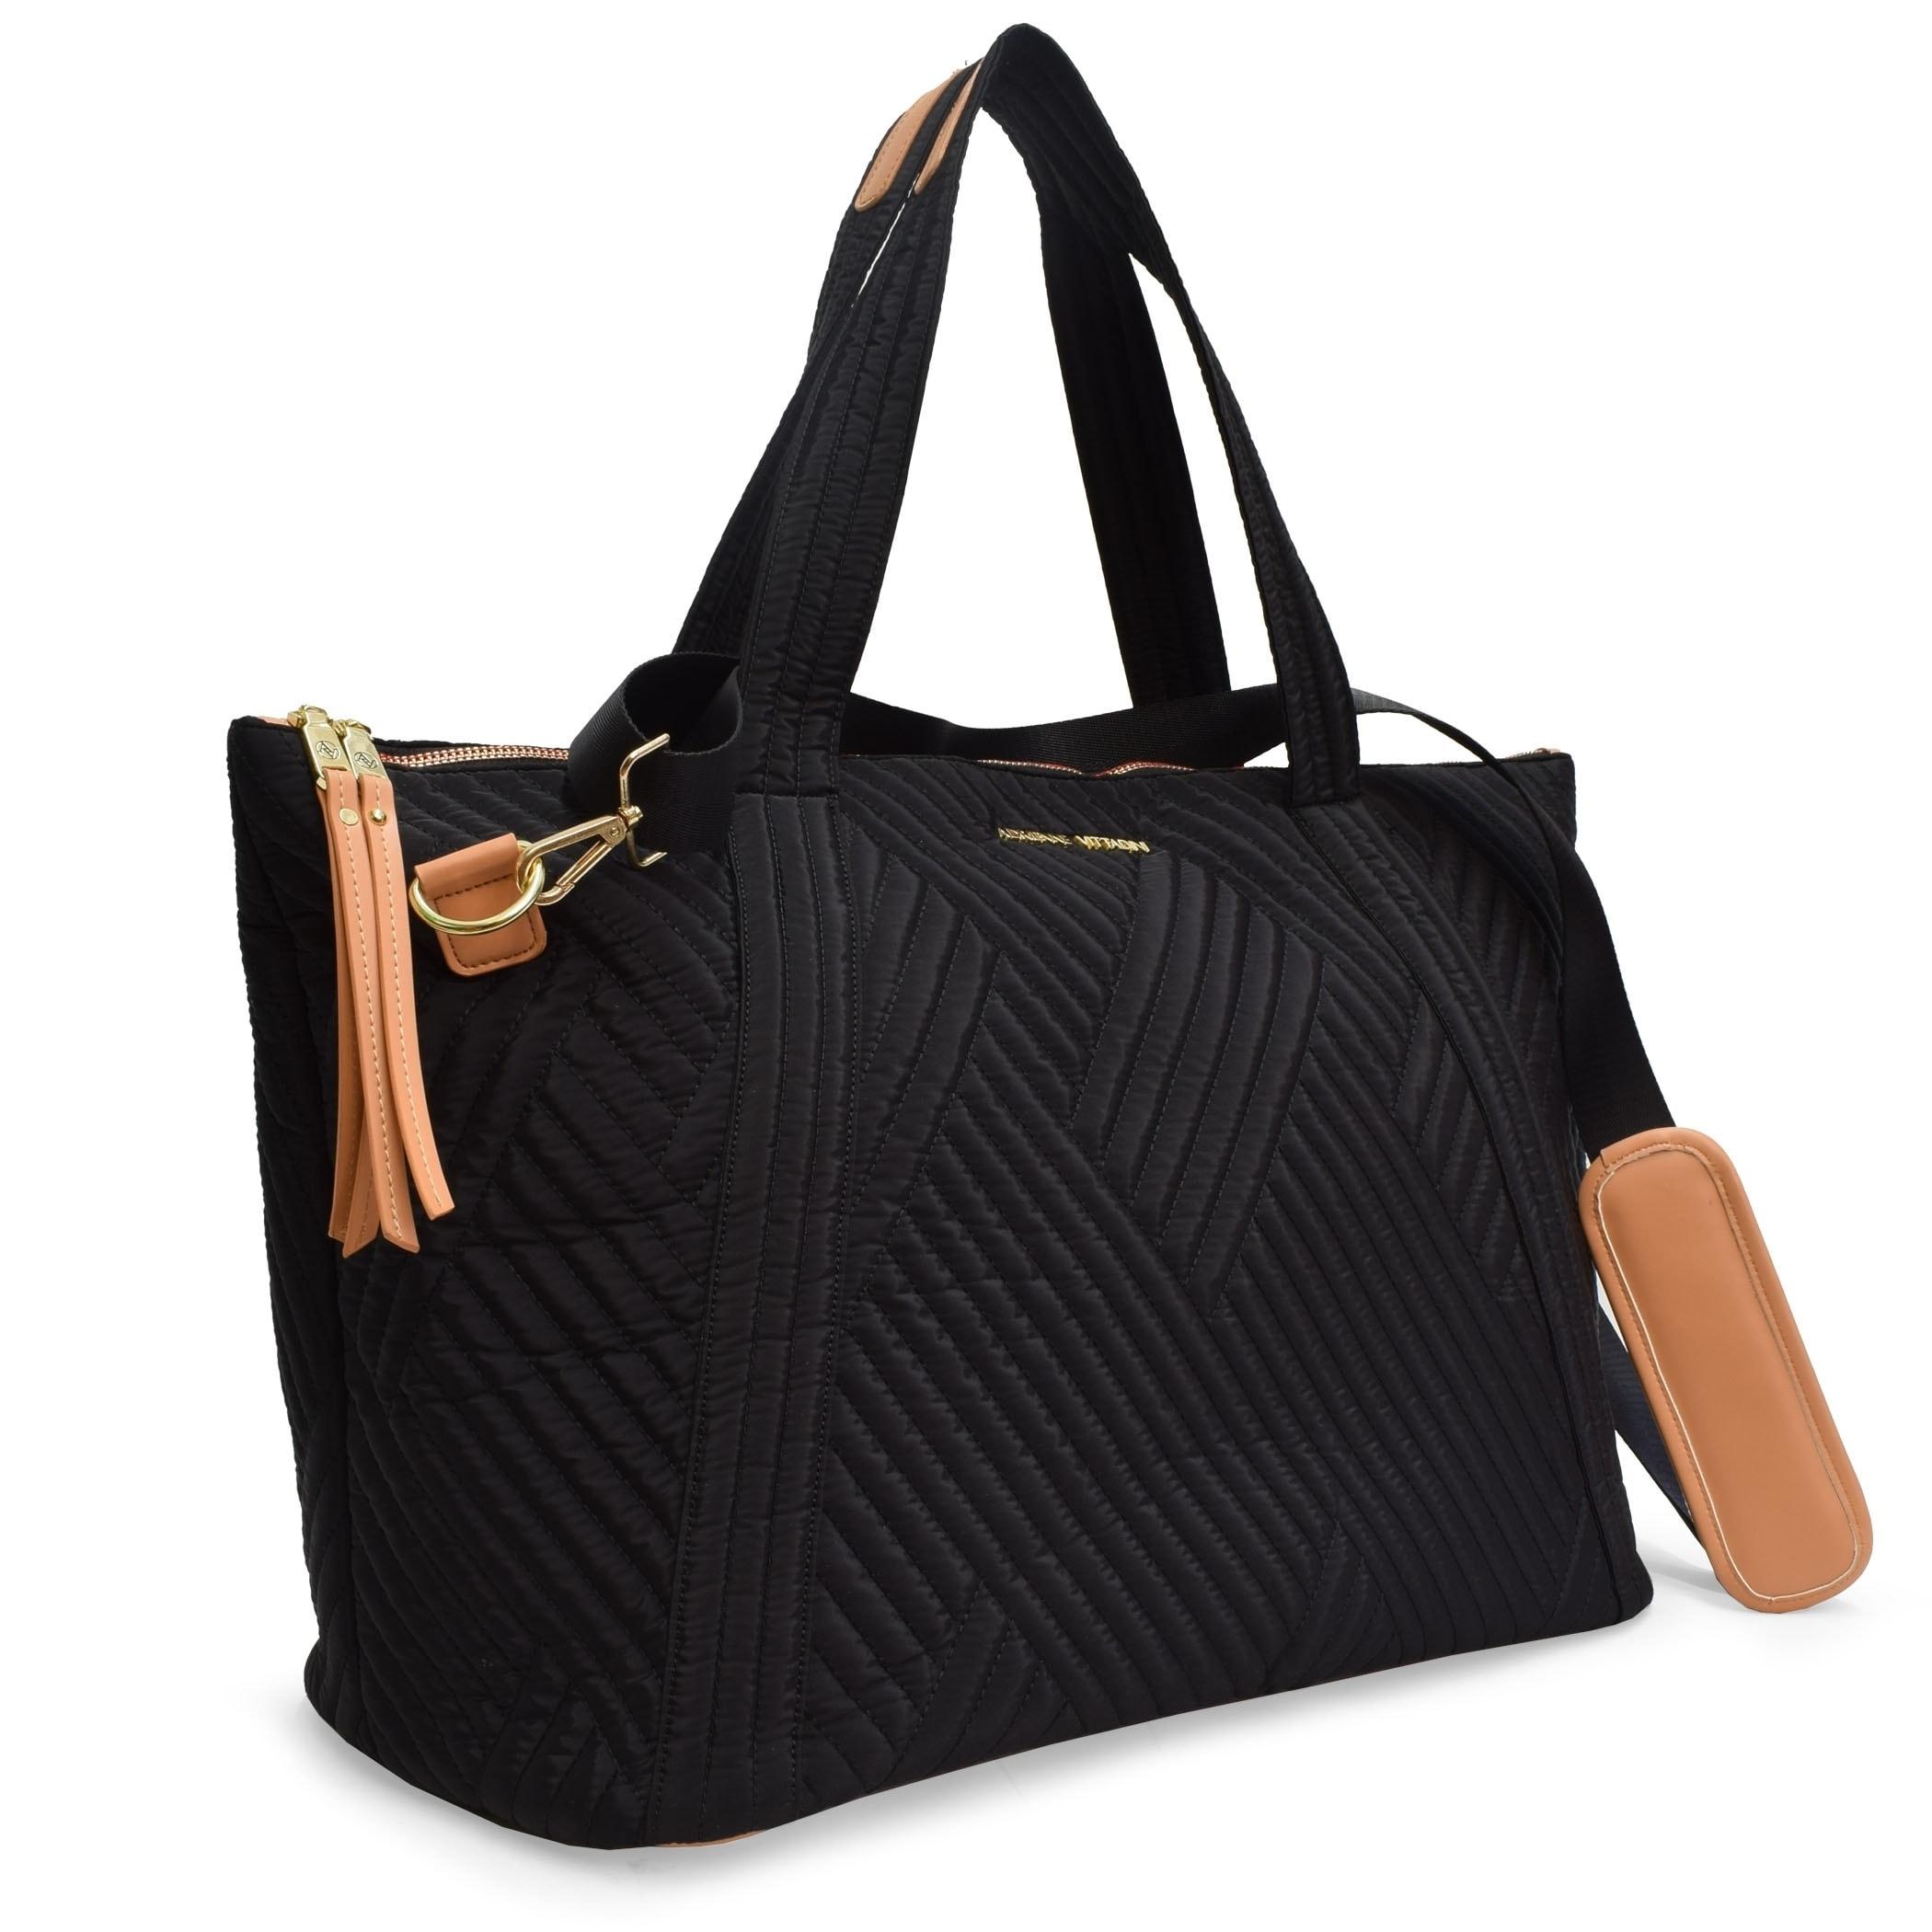 77315e96bcca Lightweight Duffel Bags